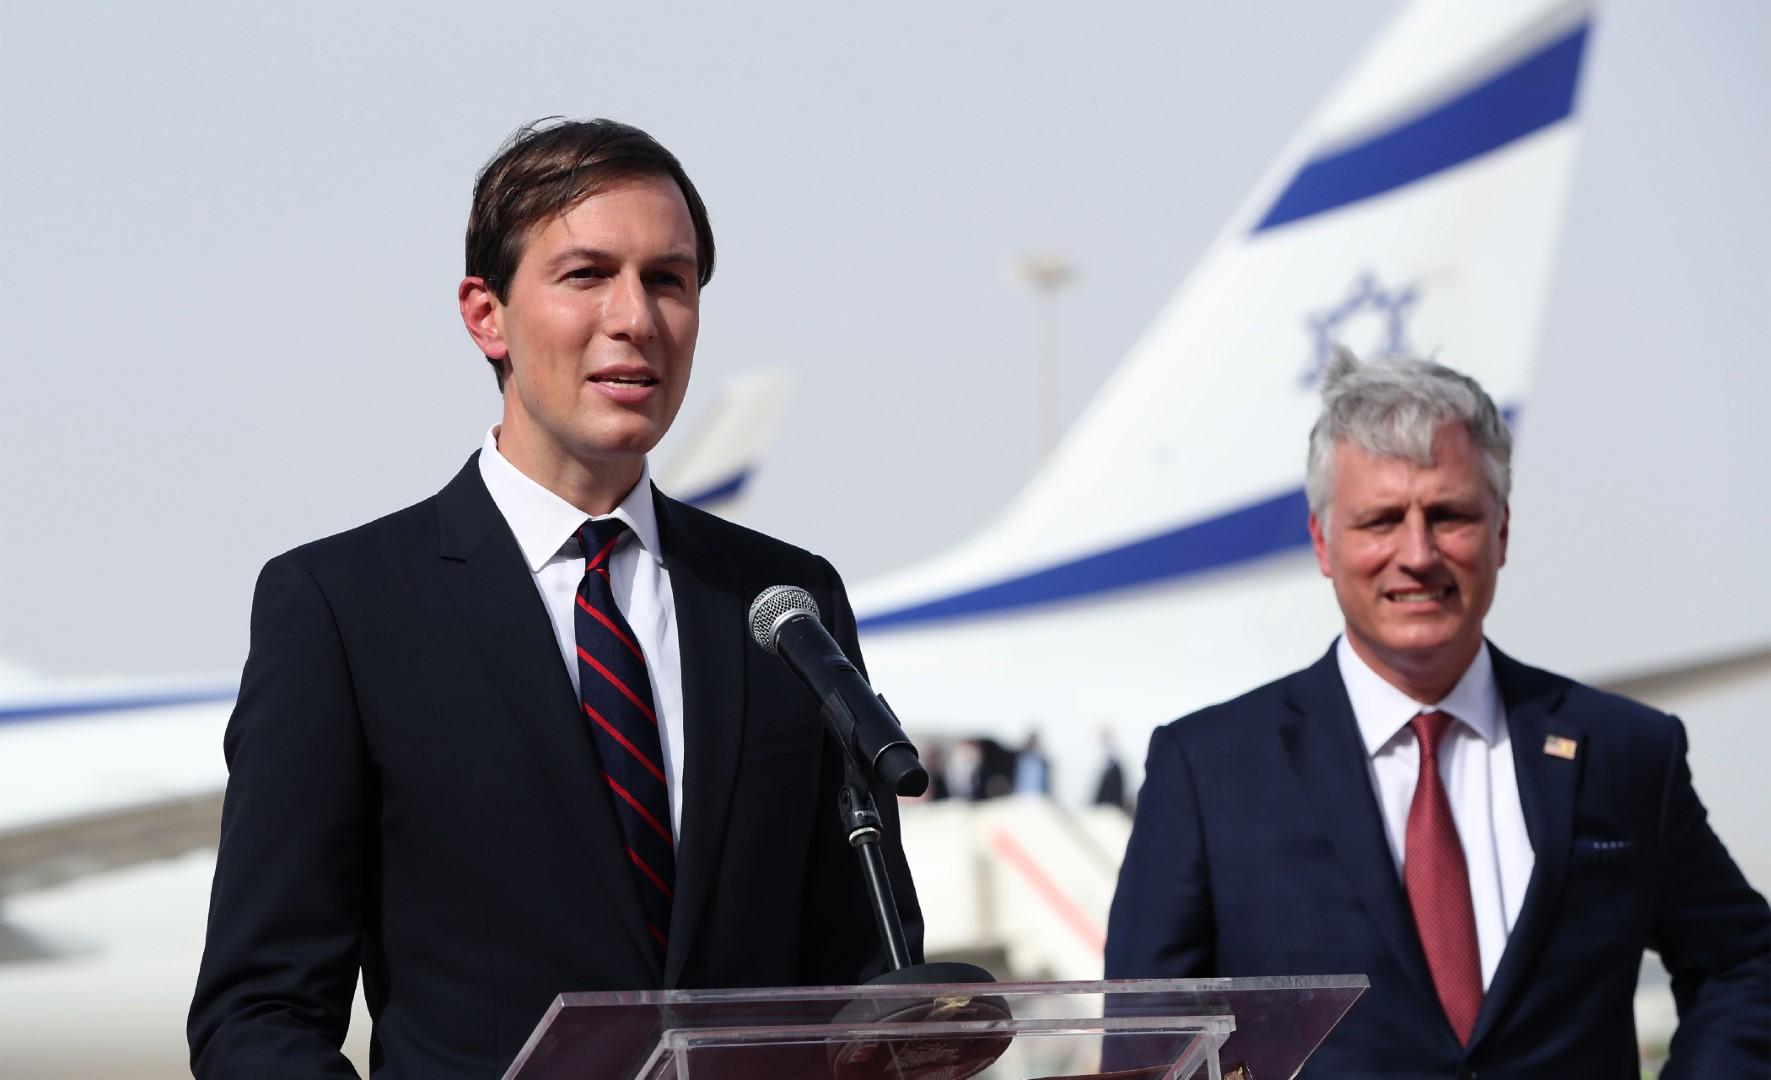 وصول وفد مشترك من الولايات المتحدة وإسرائيل إلى الدولة